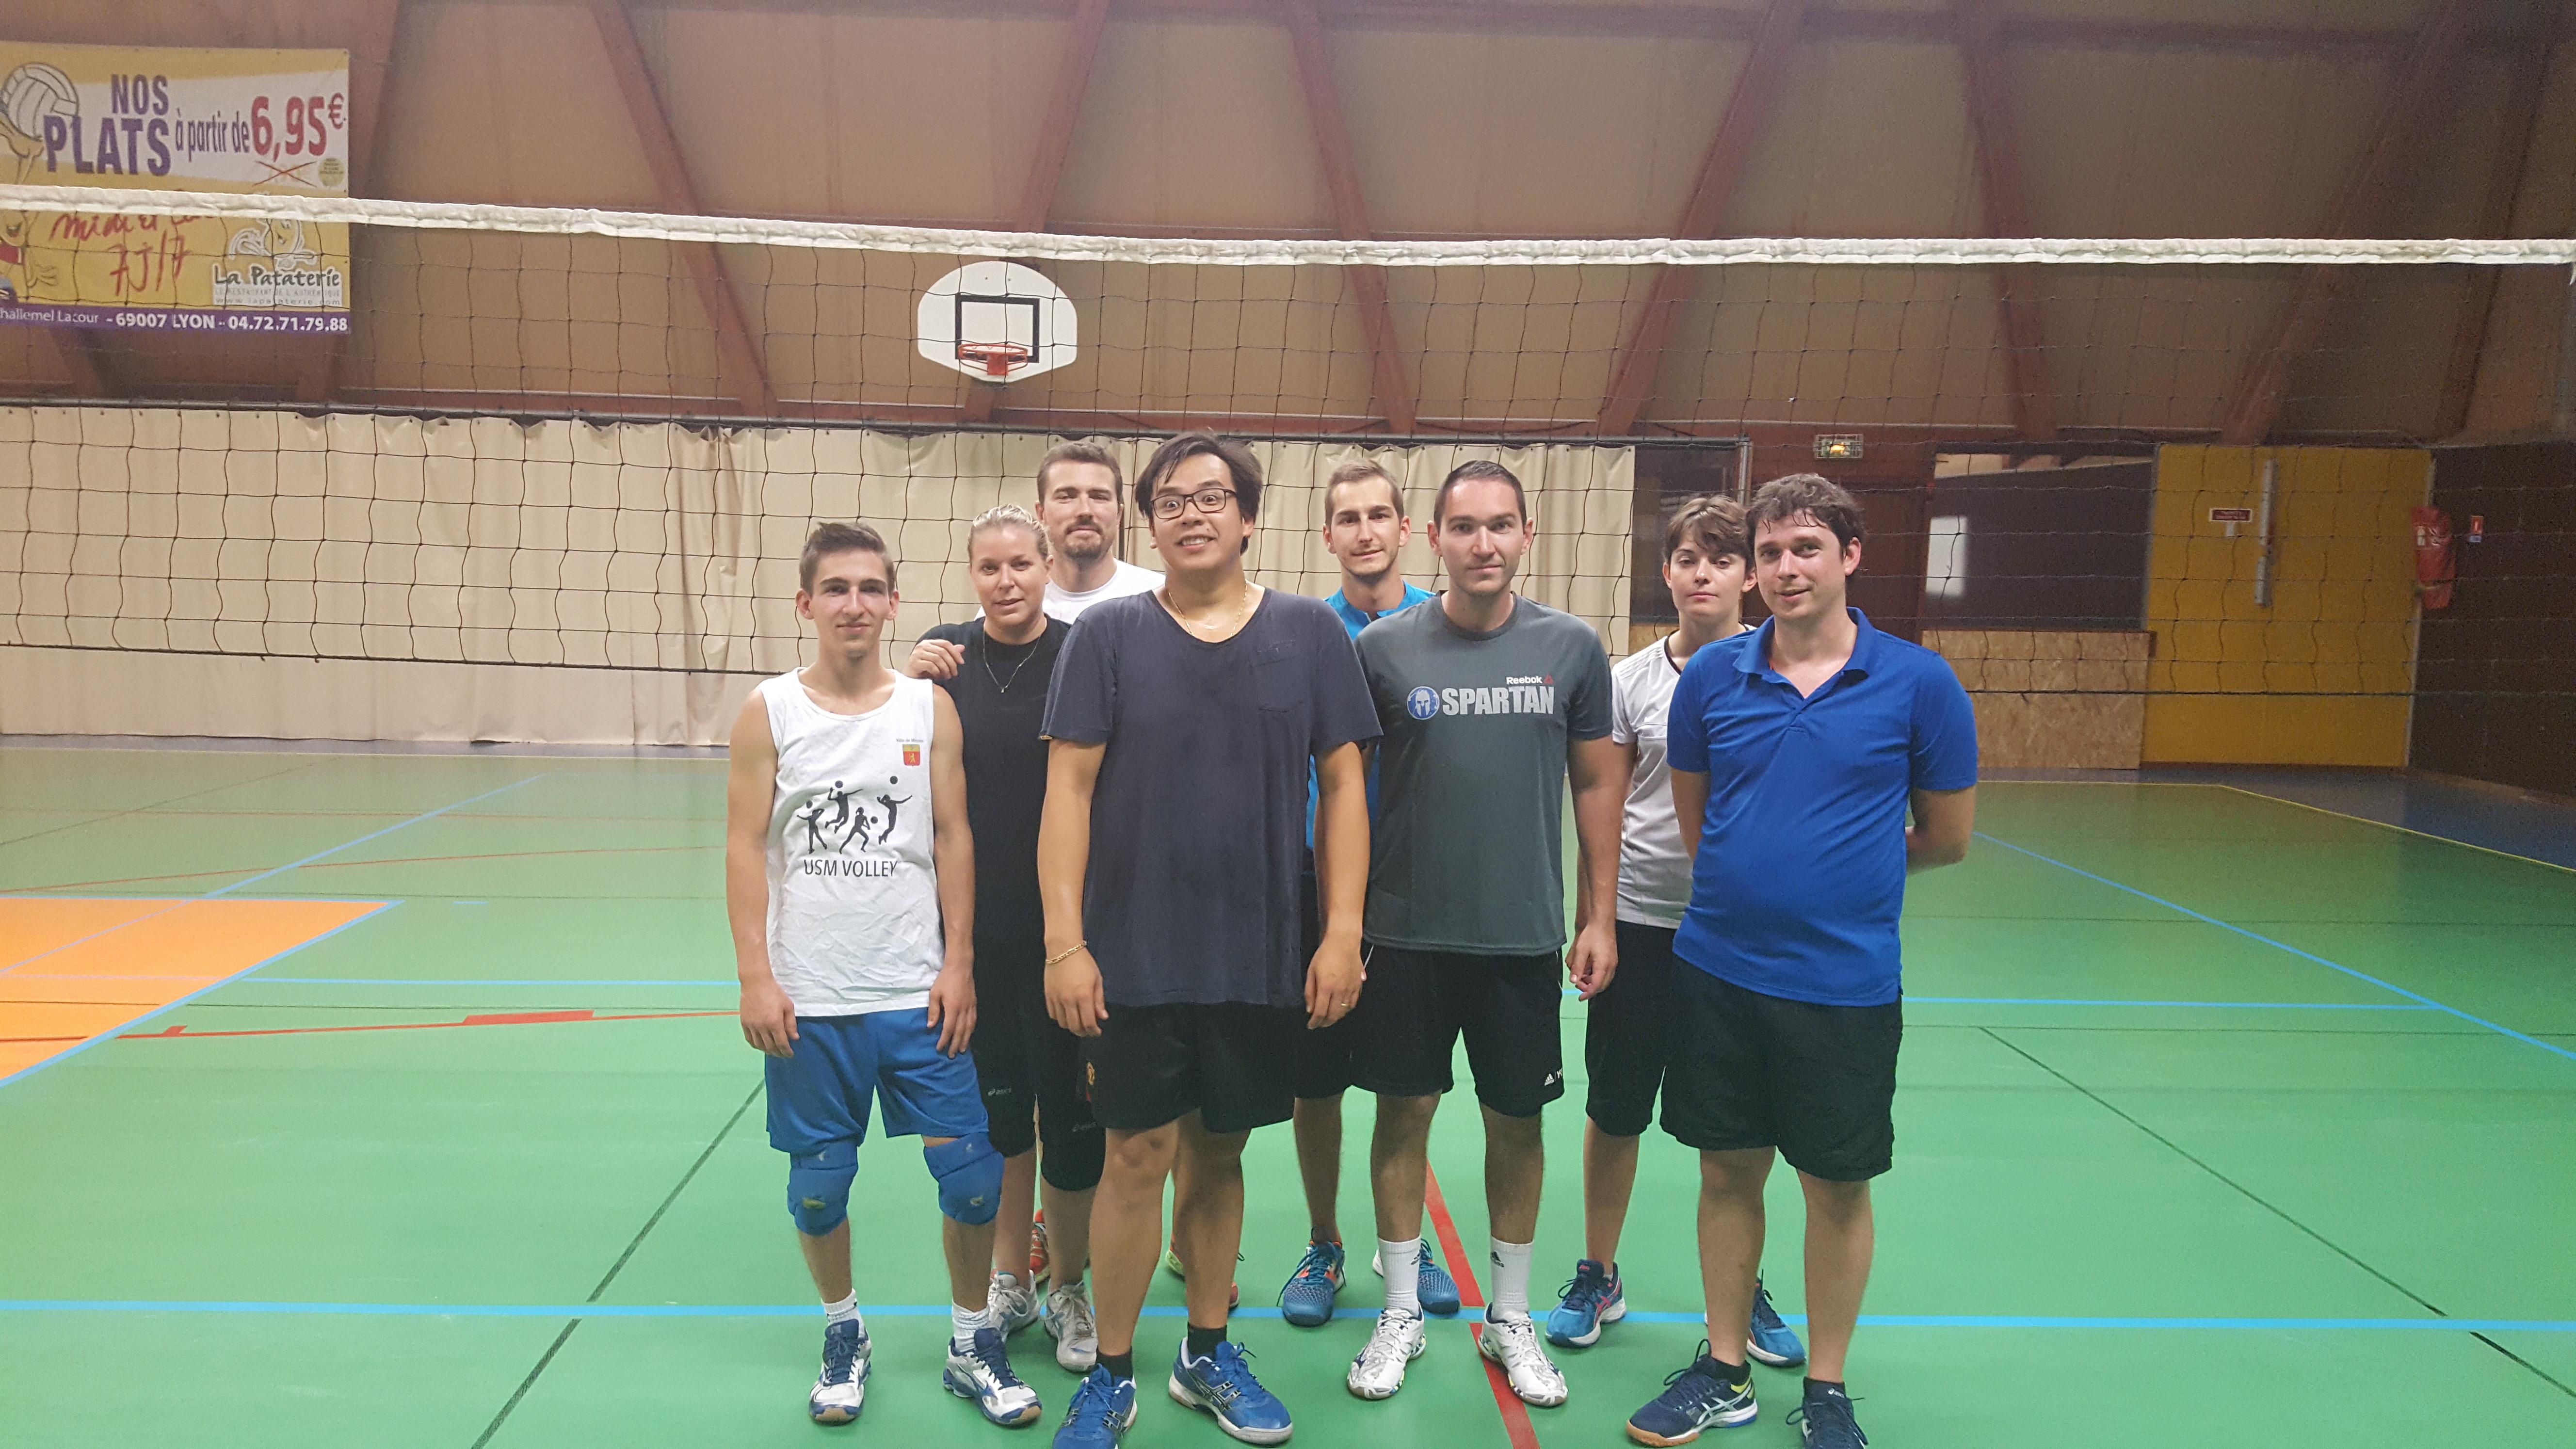 Loisirs équipe 2